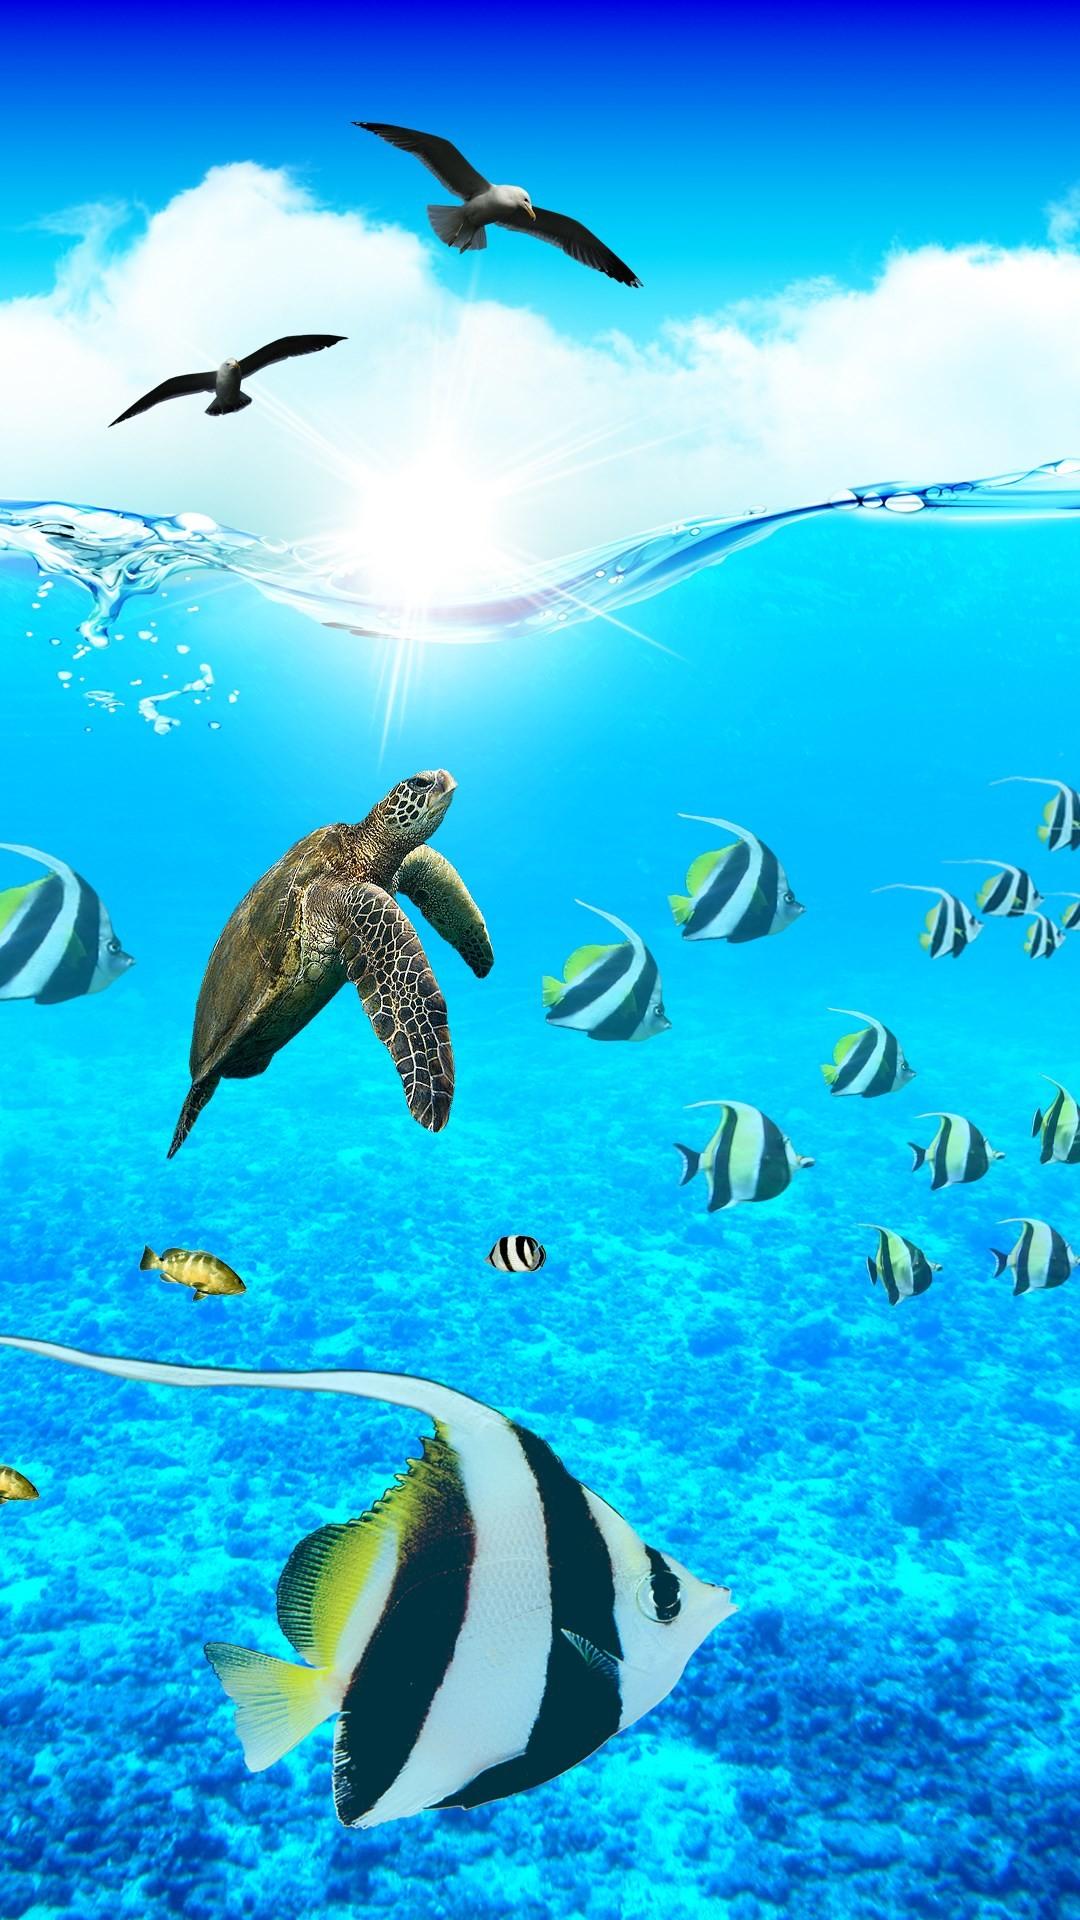 Ocean Aquarium. Paradise iPhone Wallpapers – mobile9 #underwater #animals # sea